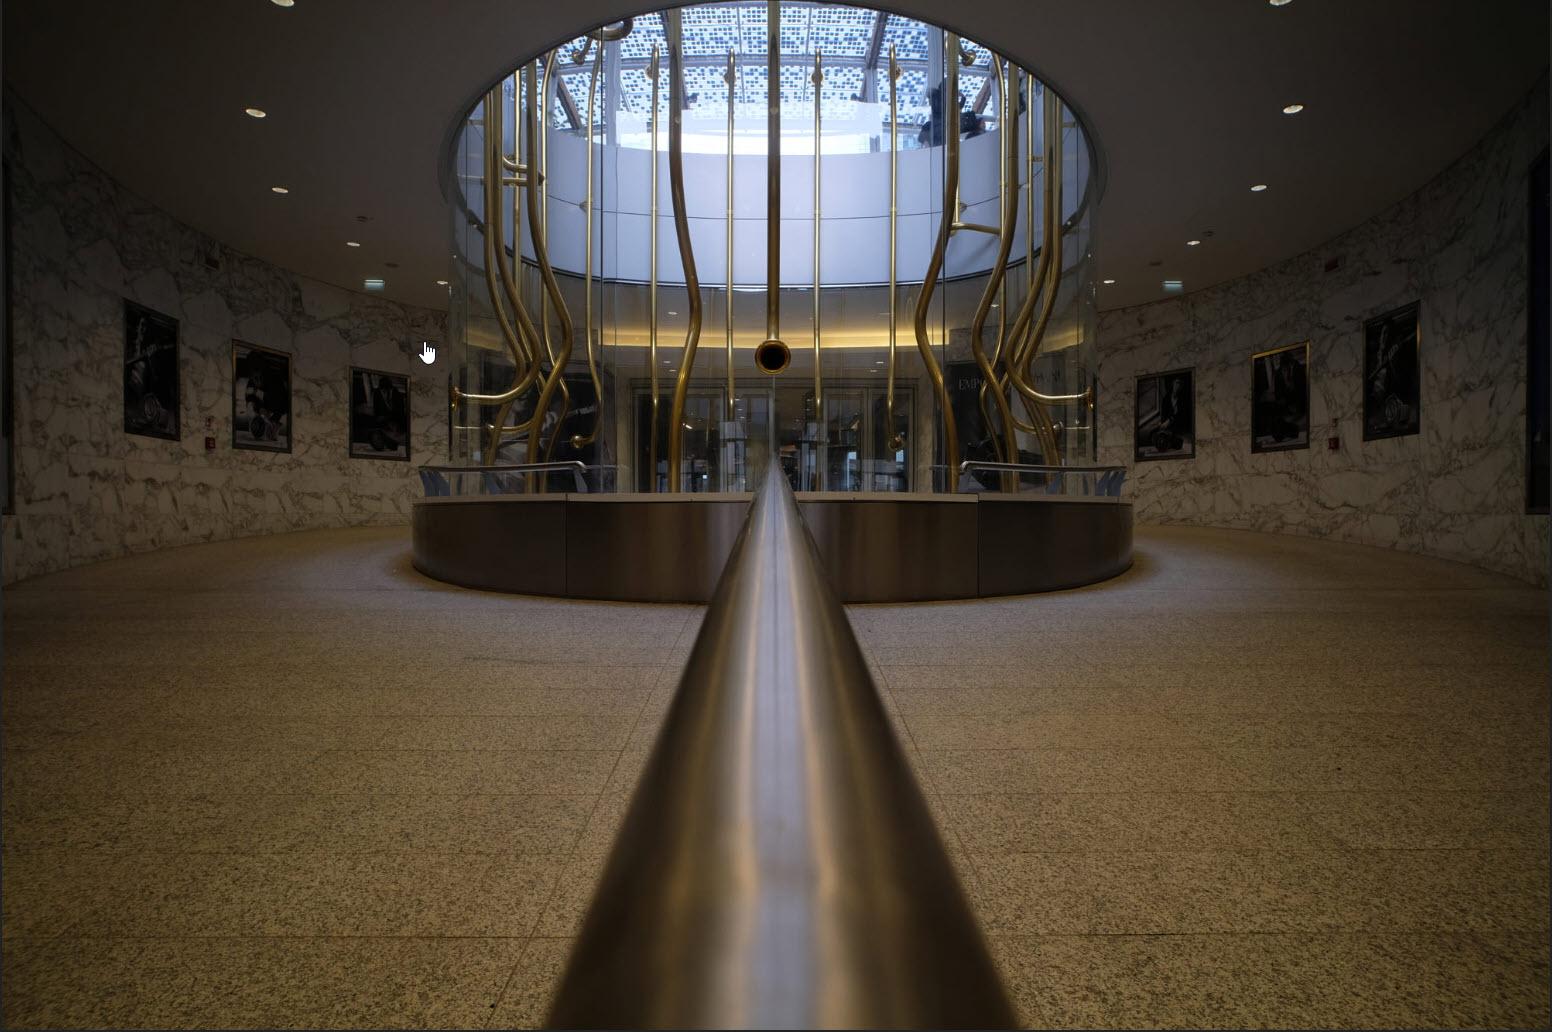 بررسی تطبیقی آوایی و دیداری در موسیقی و معماری